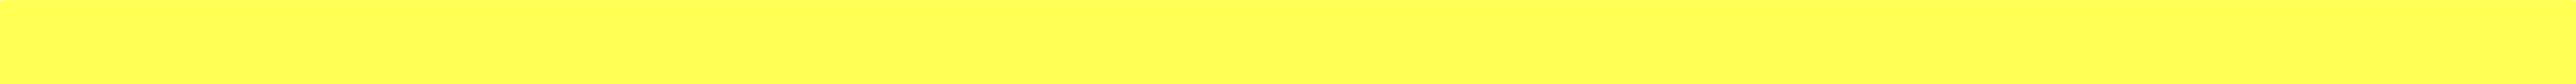 Decorative Yellow Line